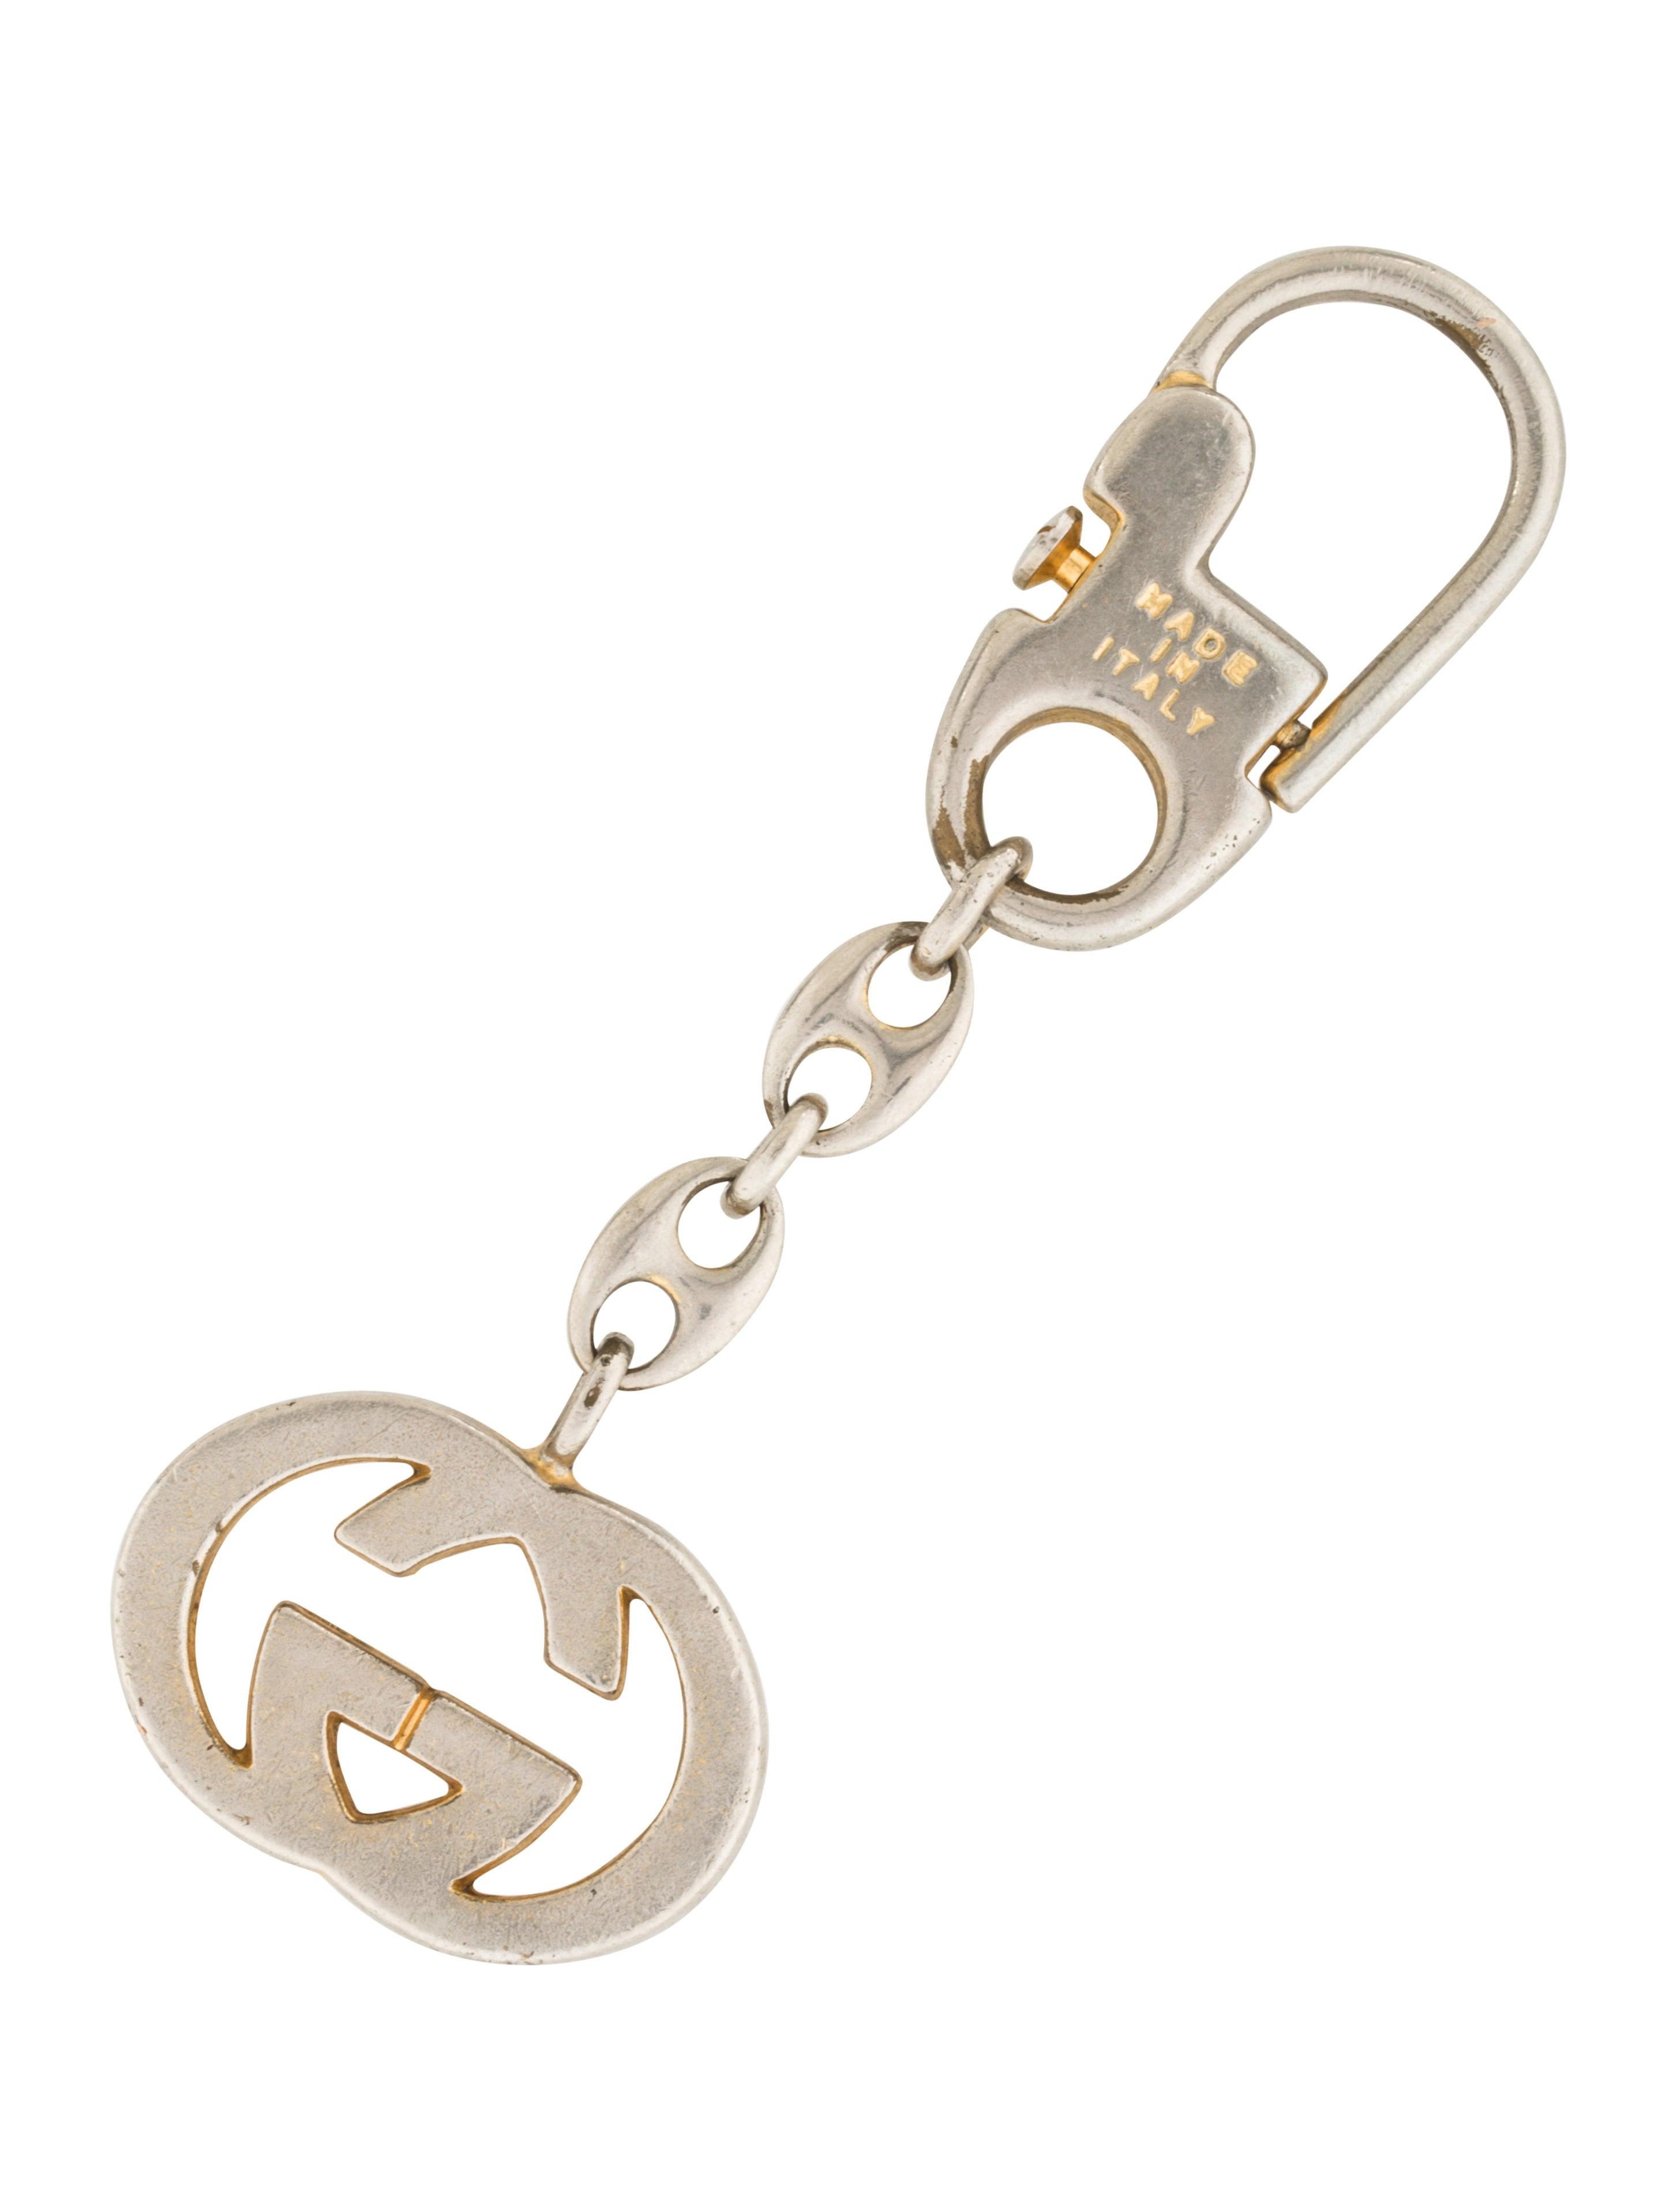 Gucci Interlocking Gg Keychain Accessories Guc139429